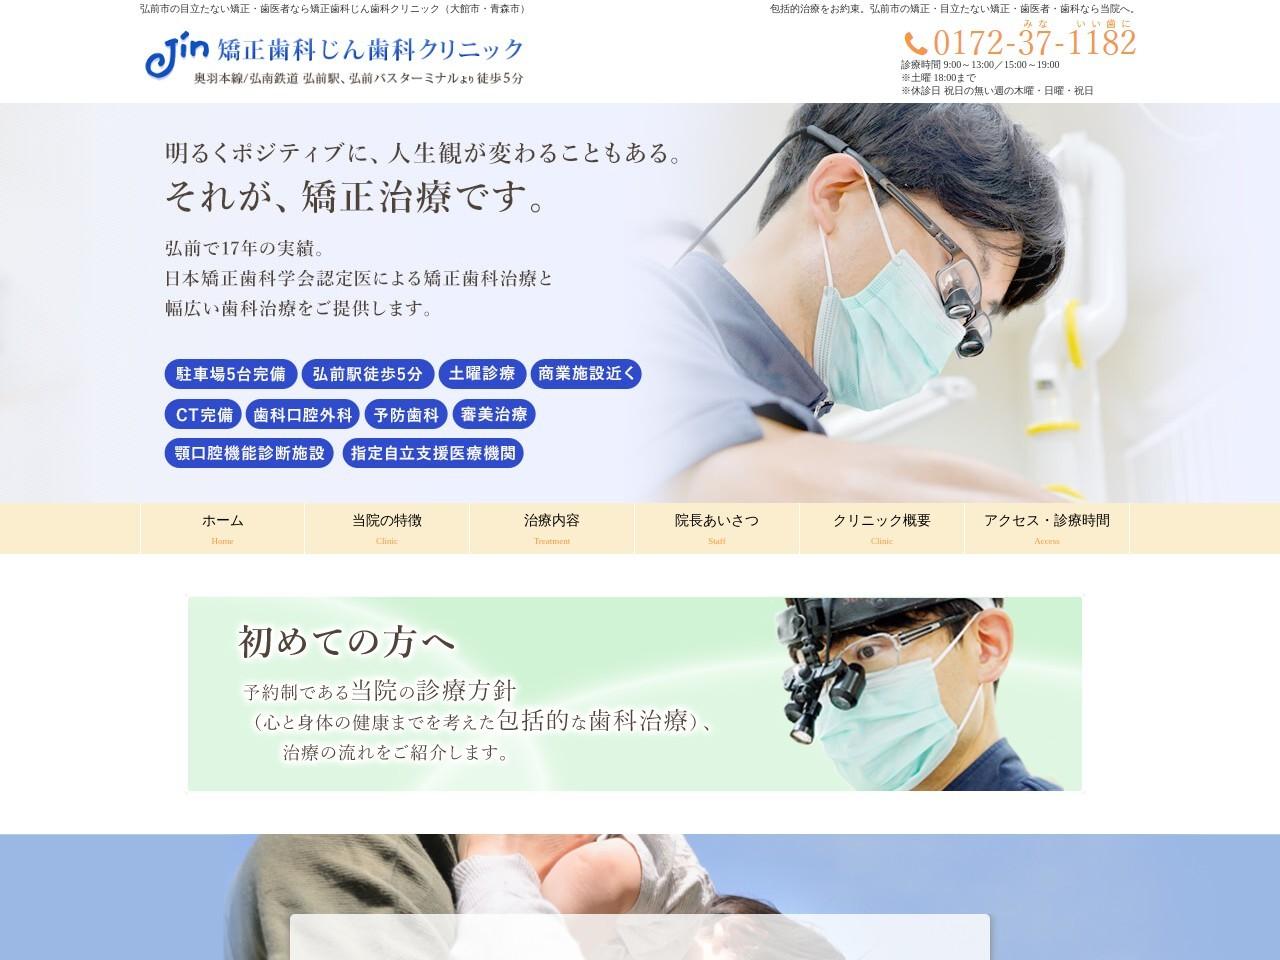 矯正歯科じん歯科クリニック (青森県弘前市)